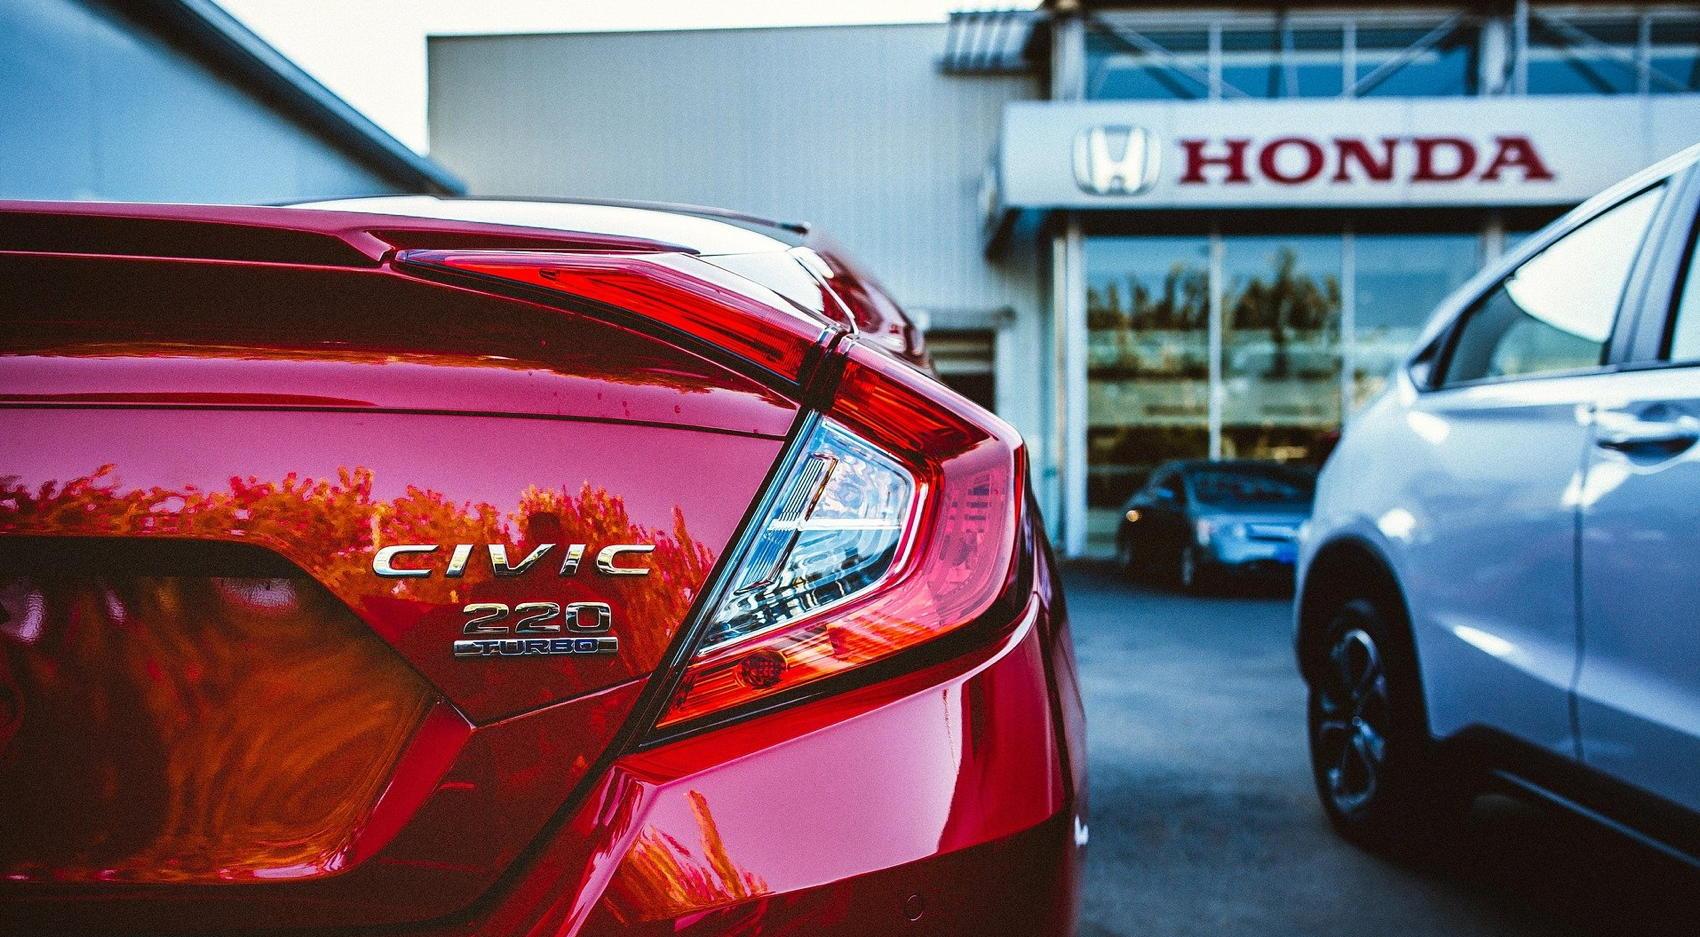 Honda Dealership - Image by StockSnap